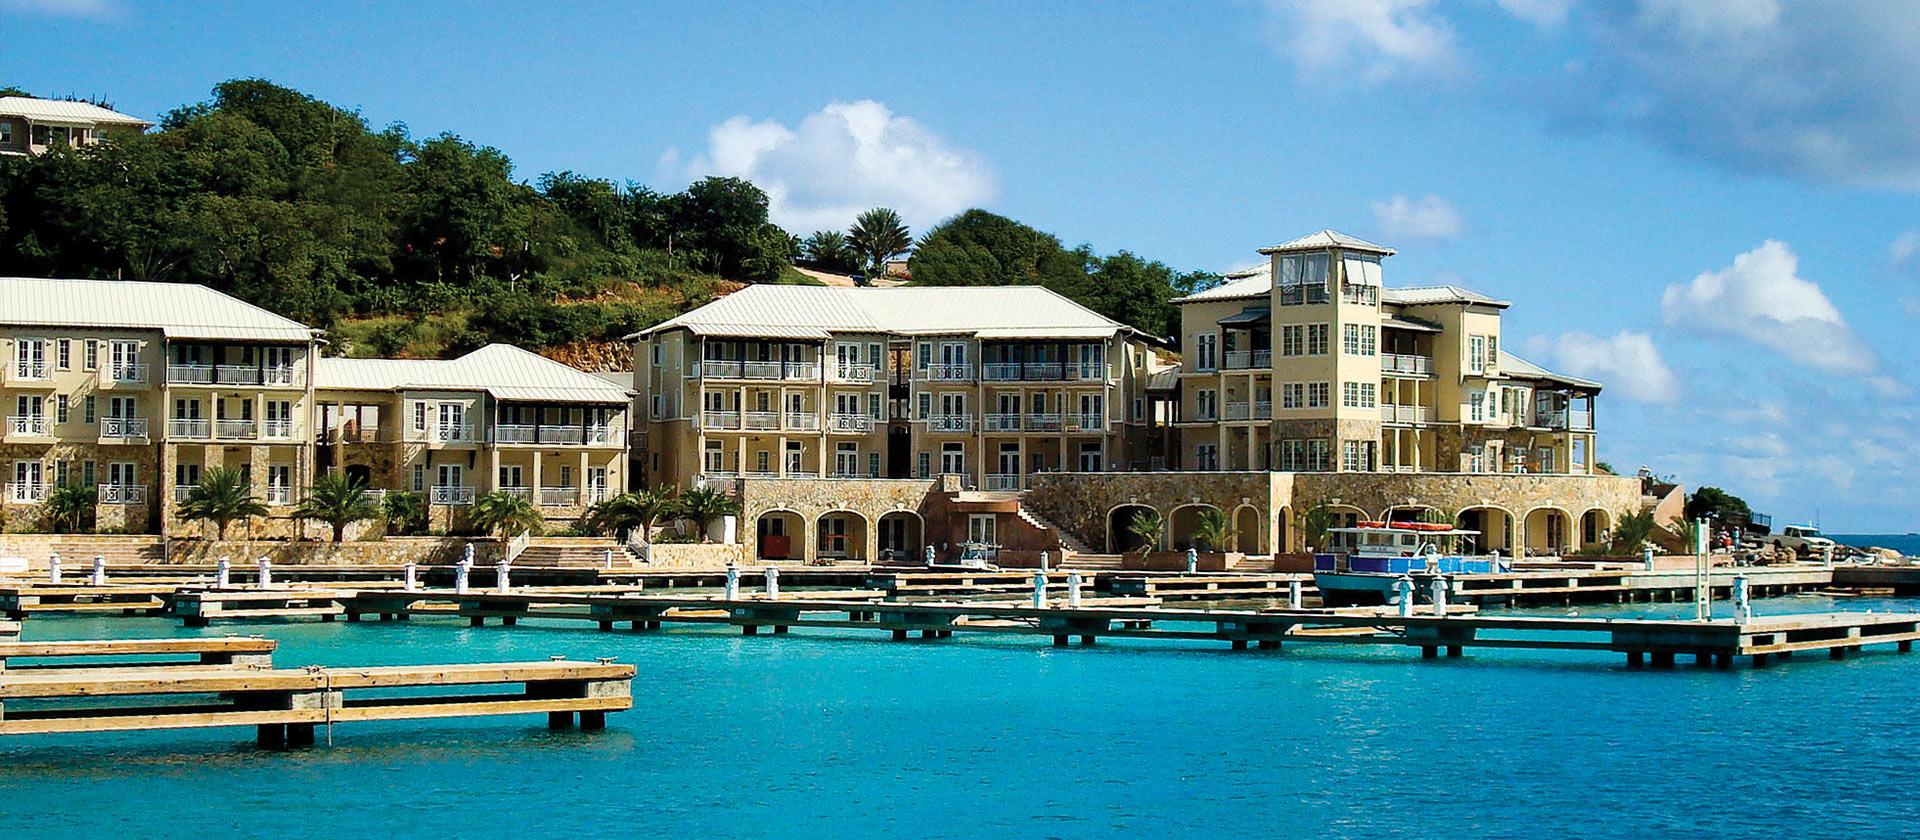 british tortola virgin Marriott in islands hotels